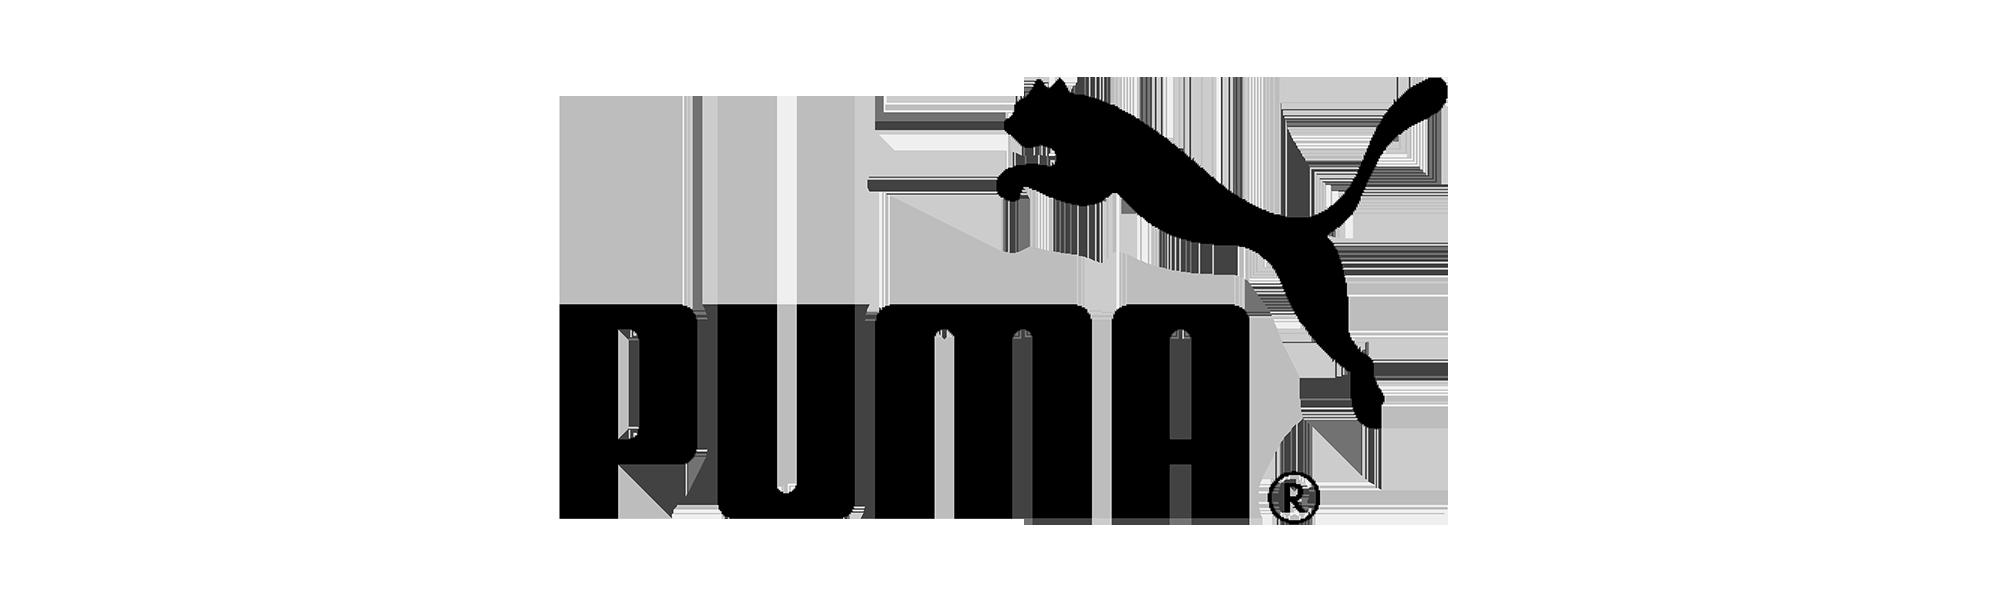 Jetzt Kaufen Puma Vor Ort Schuhe Und Online Reservieren tCshdQr